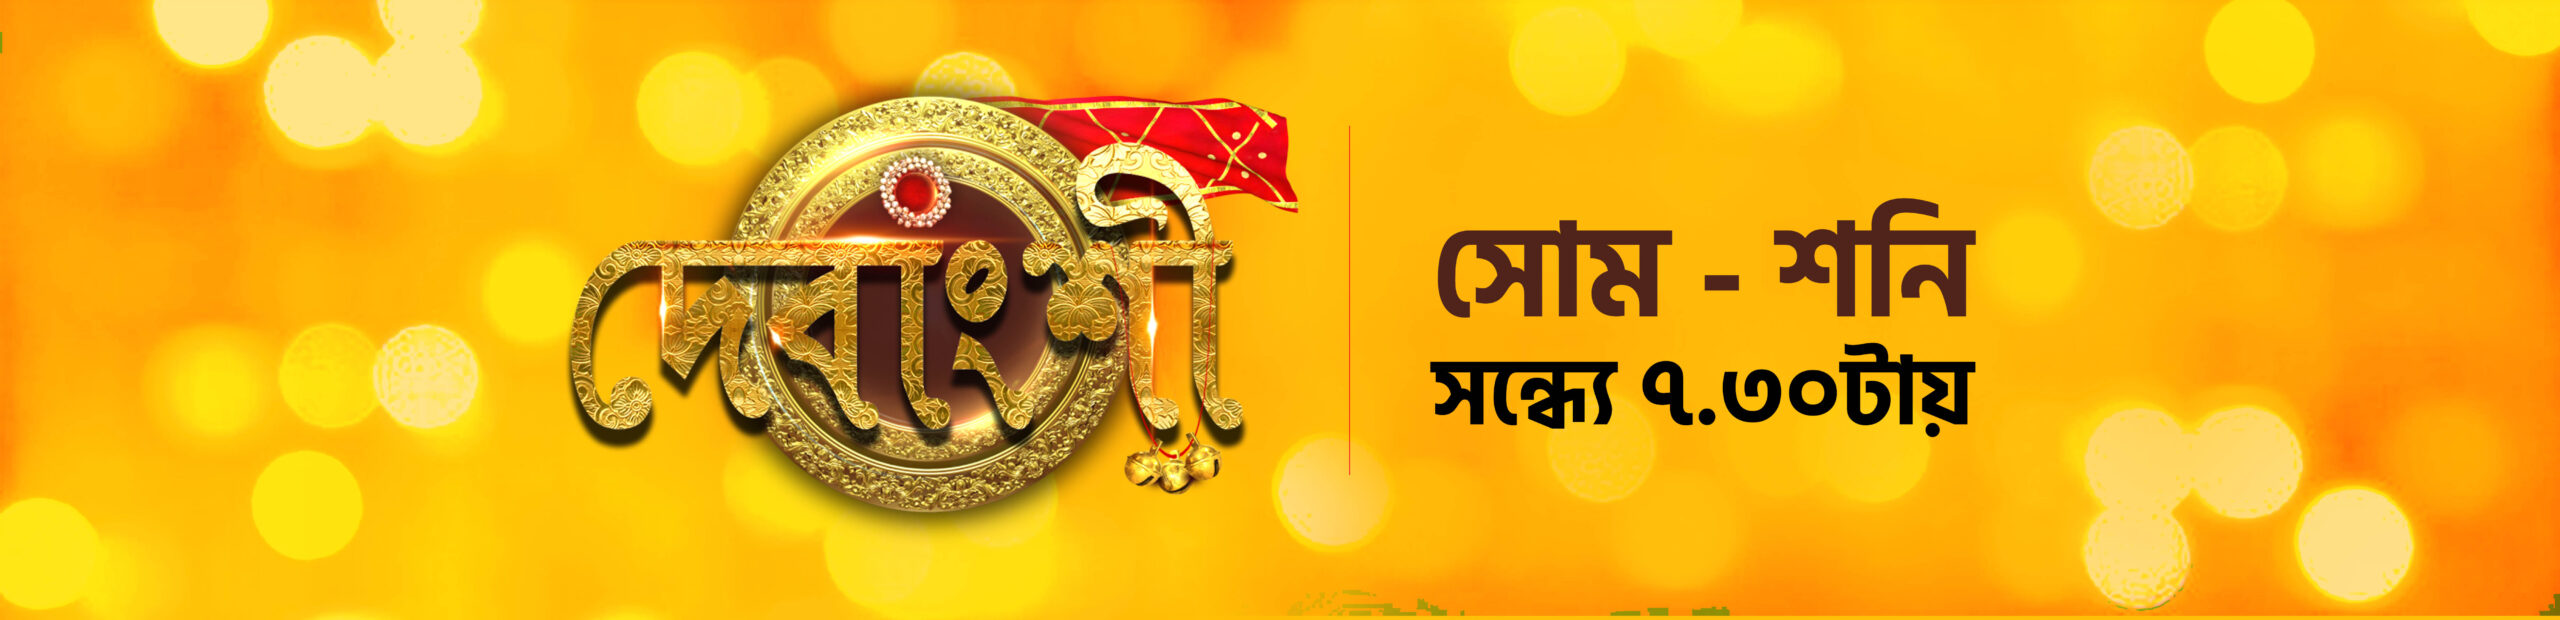 Debanshi Banner 1